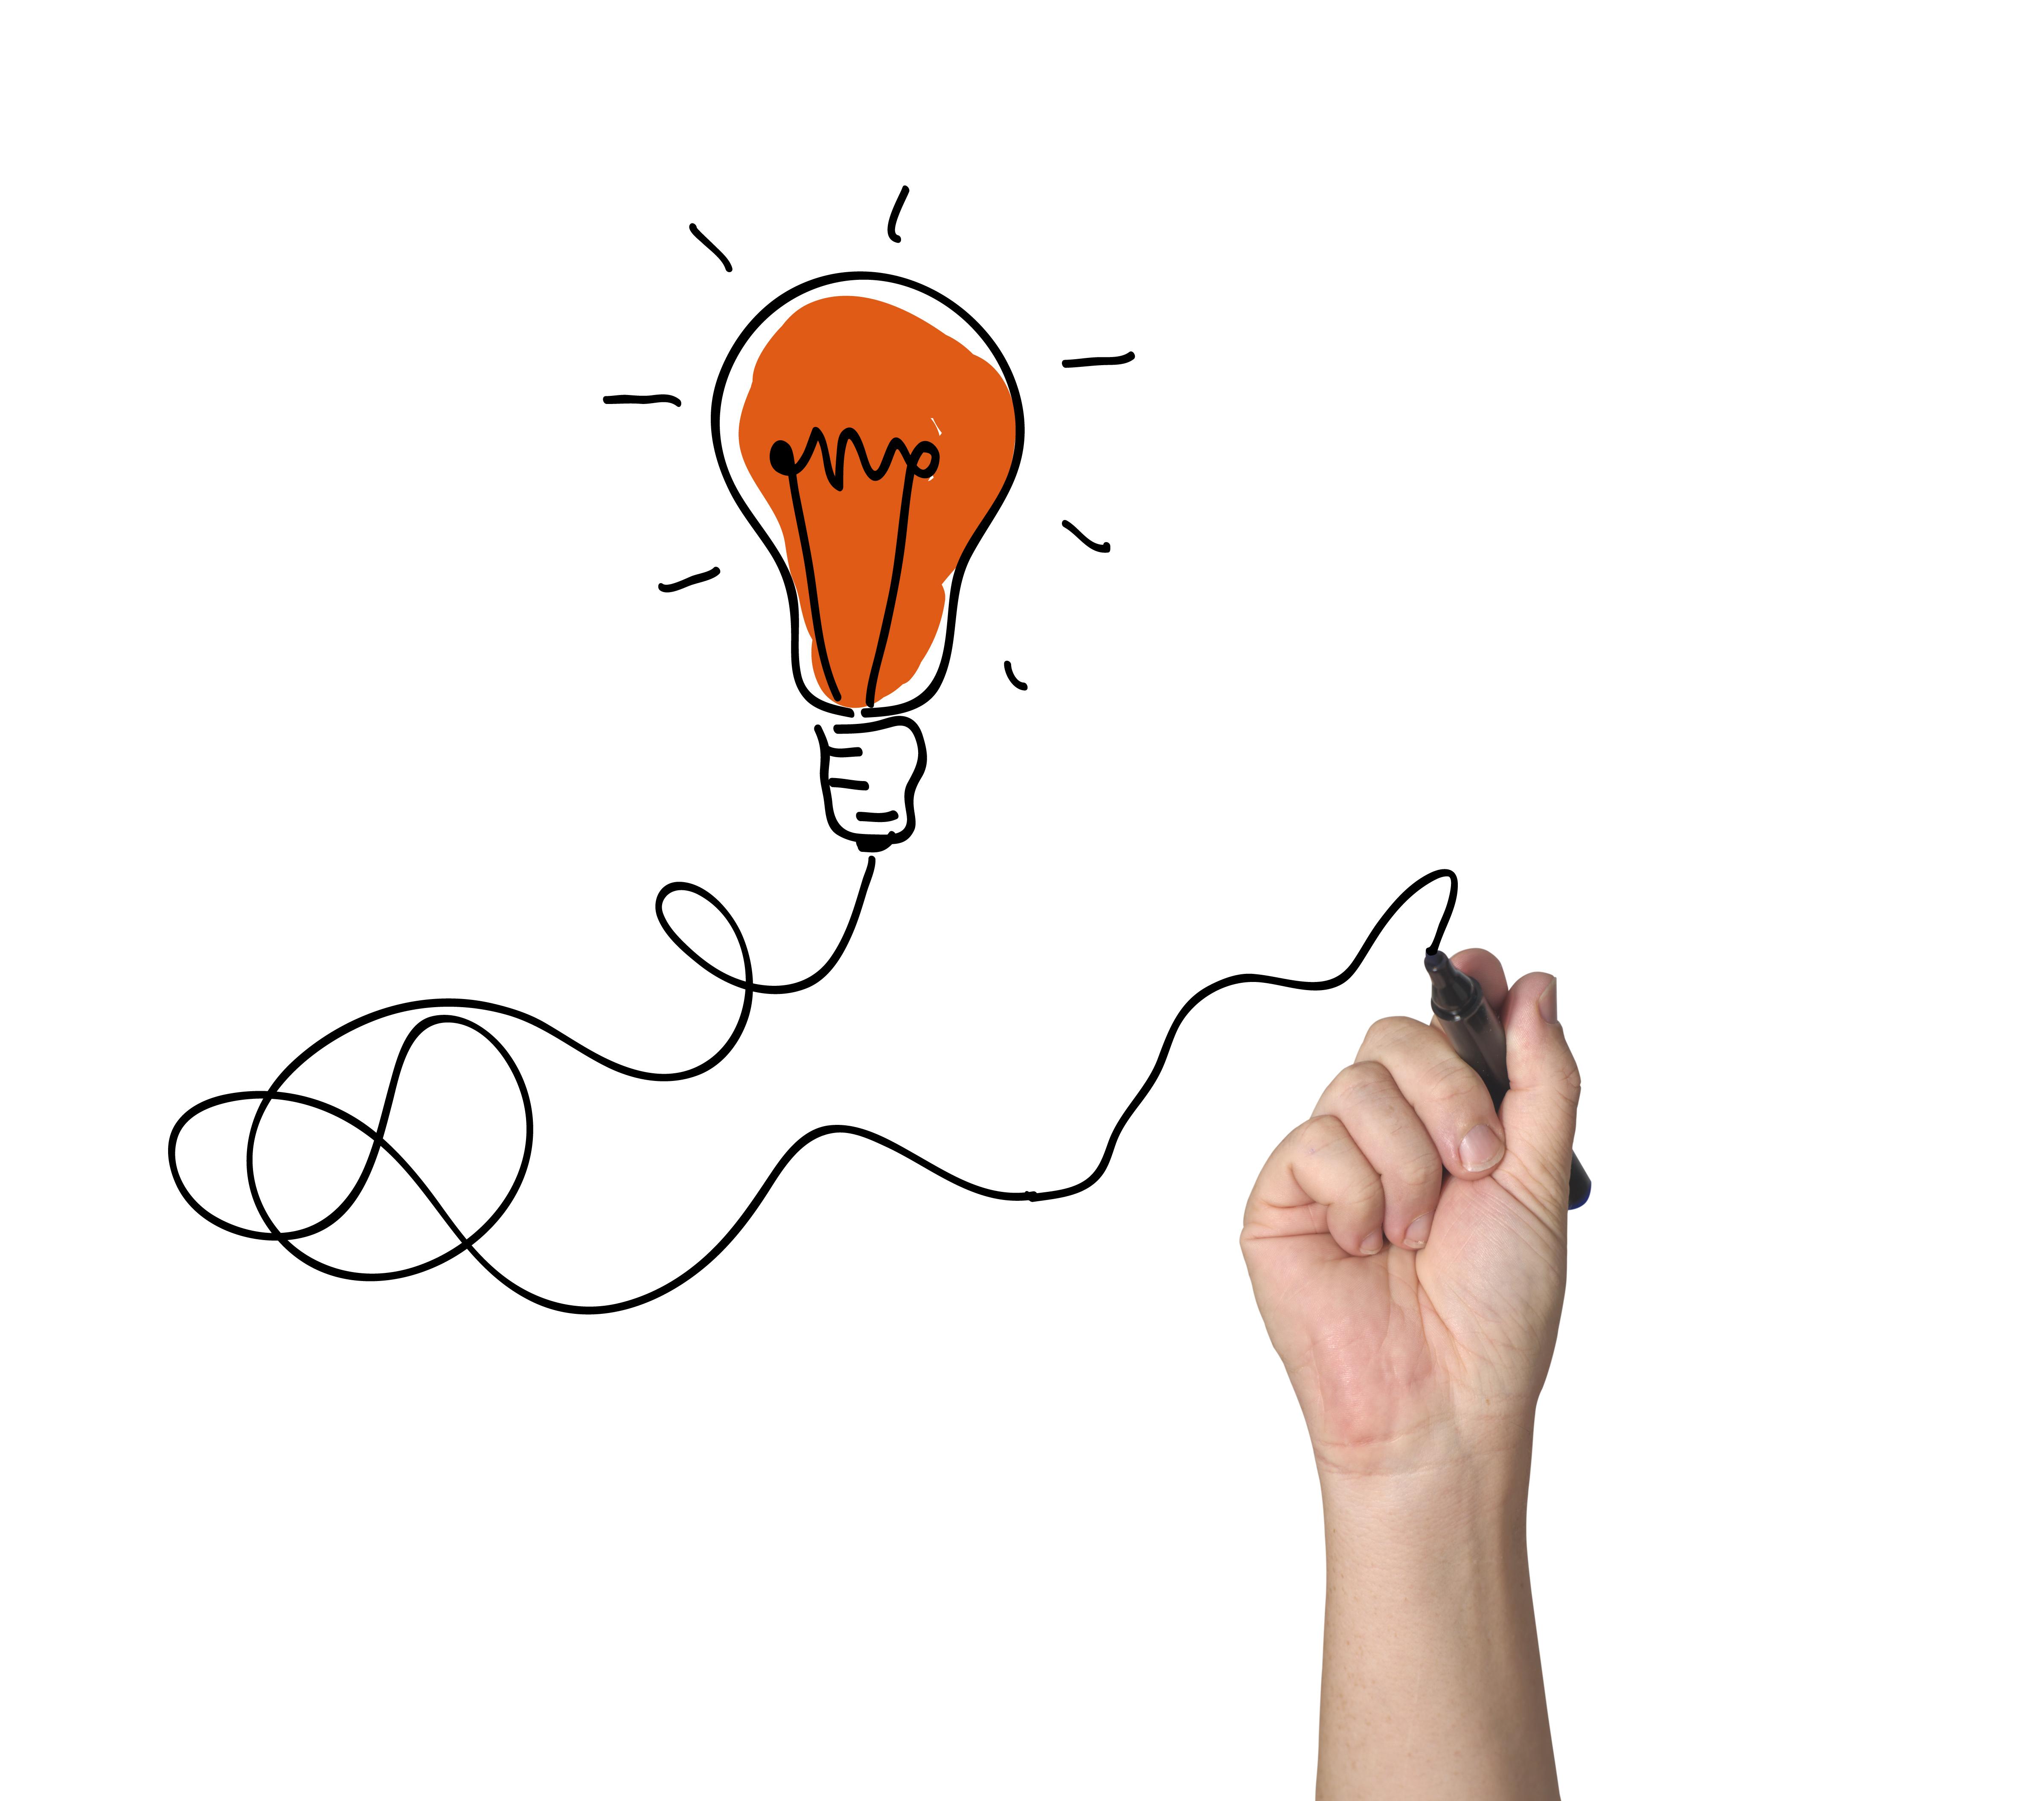 Where's your next big idea goi...